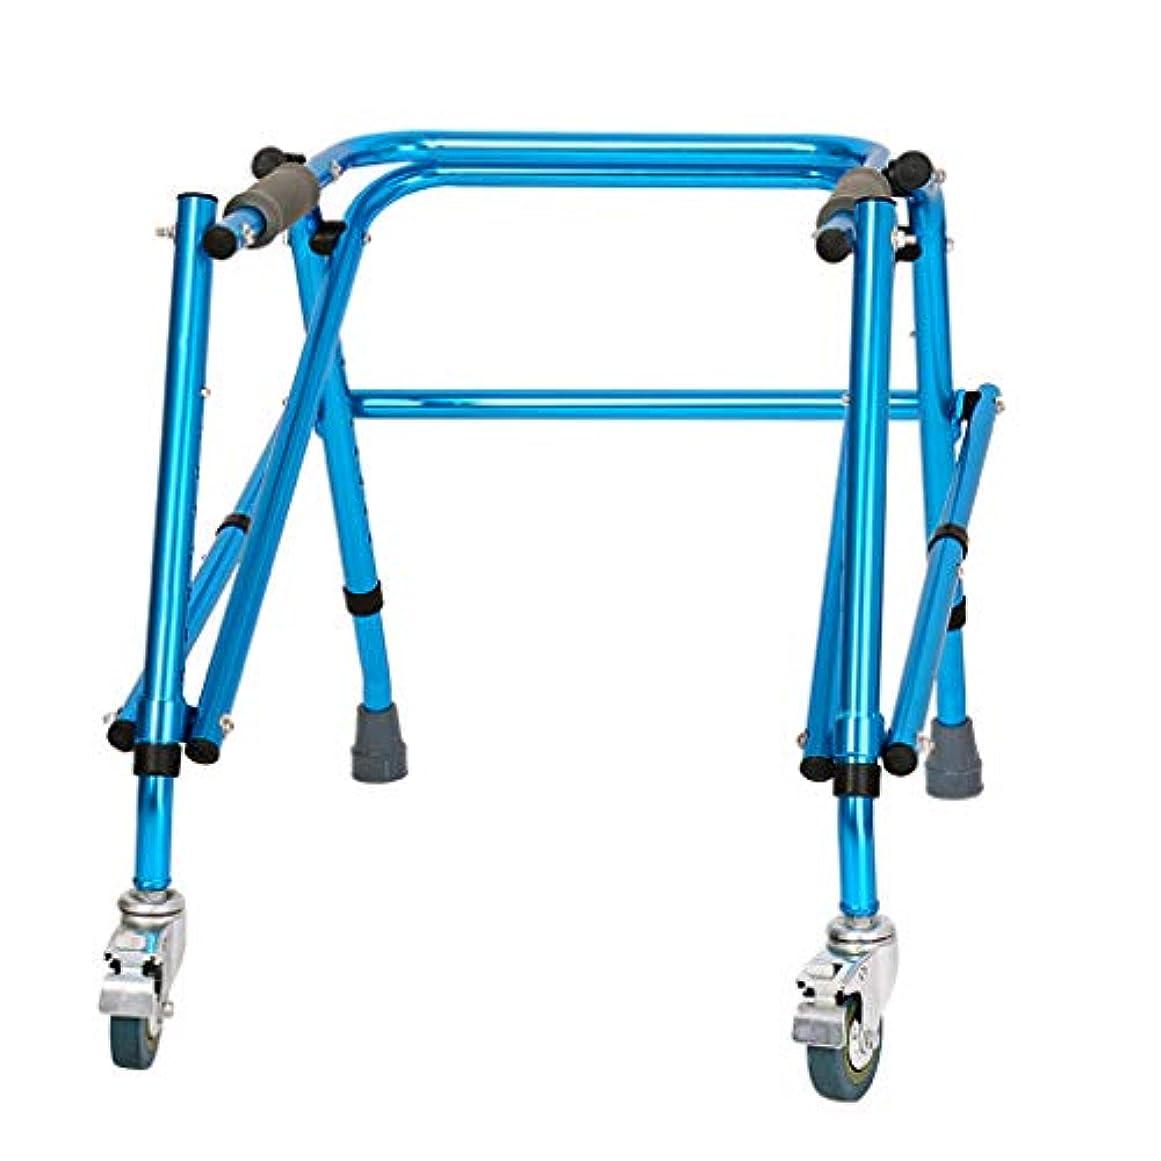 十分な定規免除LINrxl 子供下肢トレーニングとリハビリテーション機器/立ち歩行スタンド/ウォークエイド/ウォーカー/スタンドフレーム付きホイールリハビリ機器